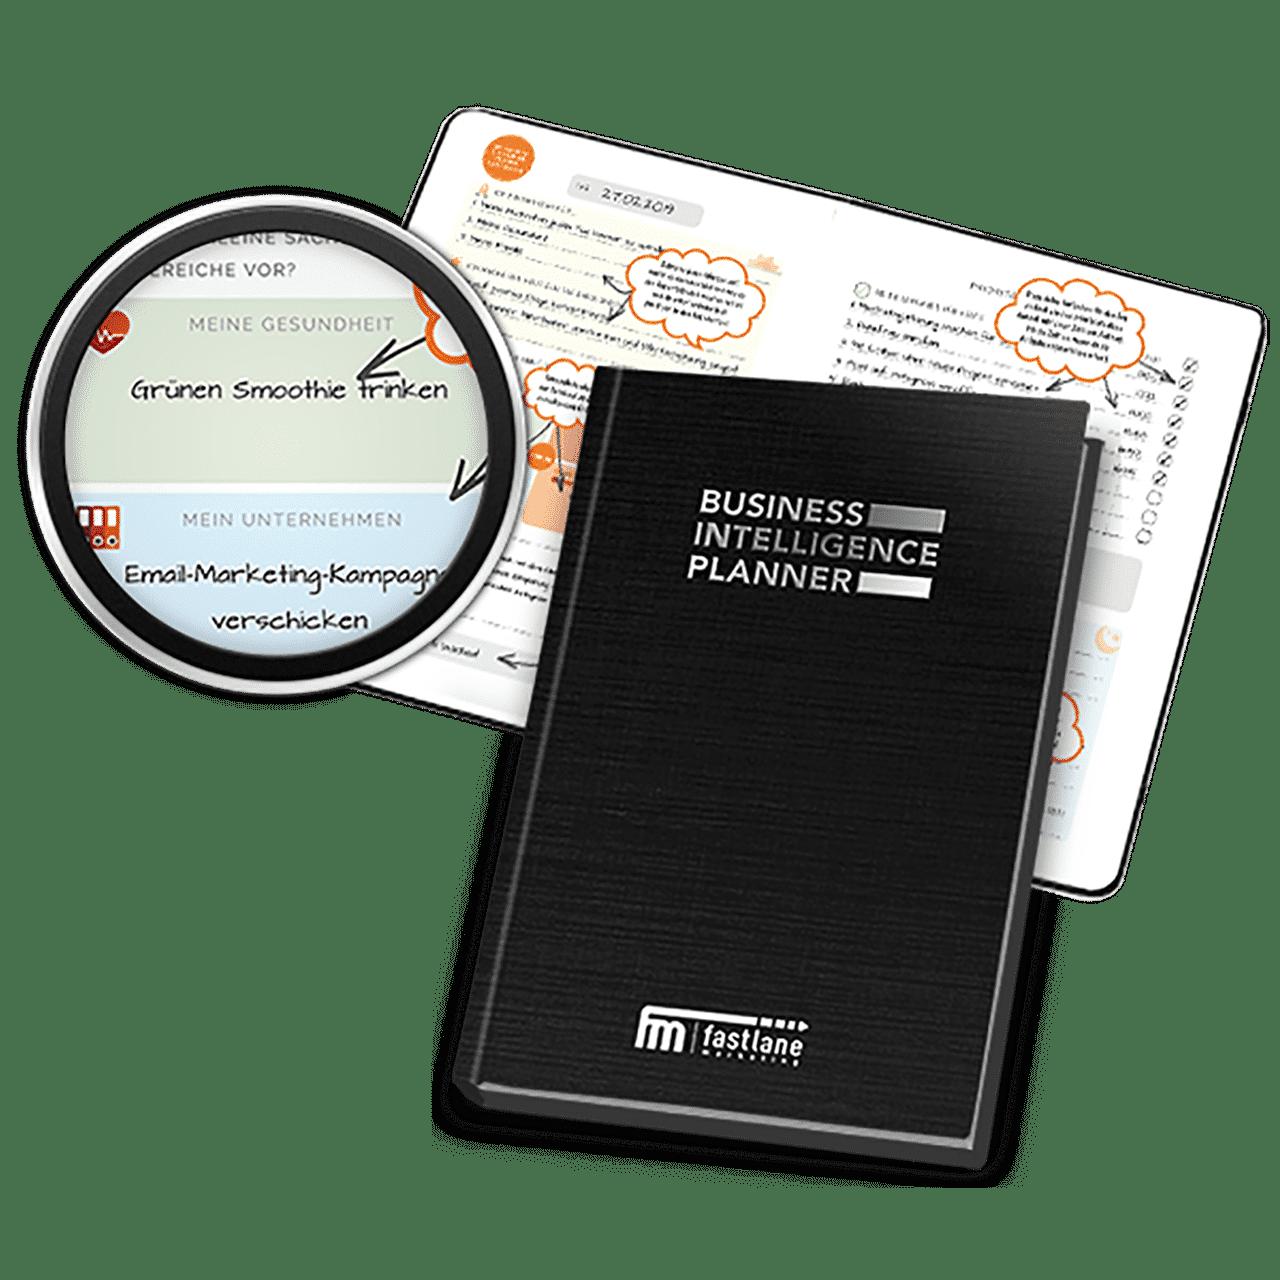 Business Intelligence Planner von Fastlane kostenlos als Buch